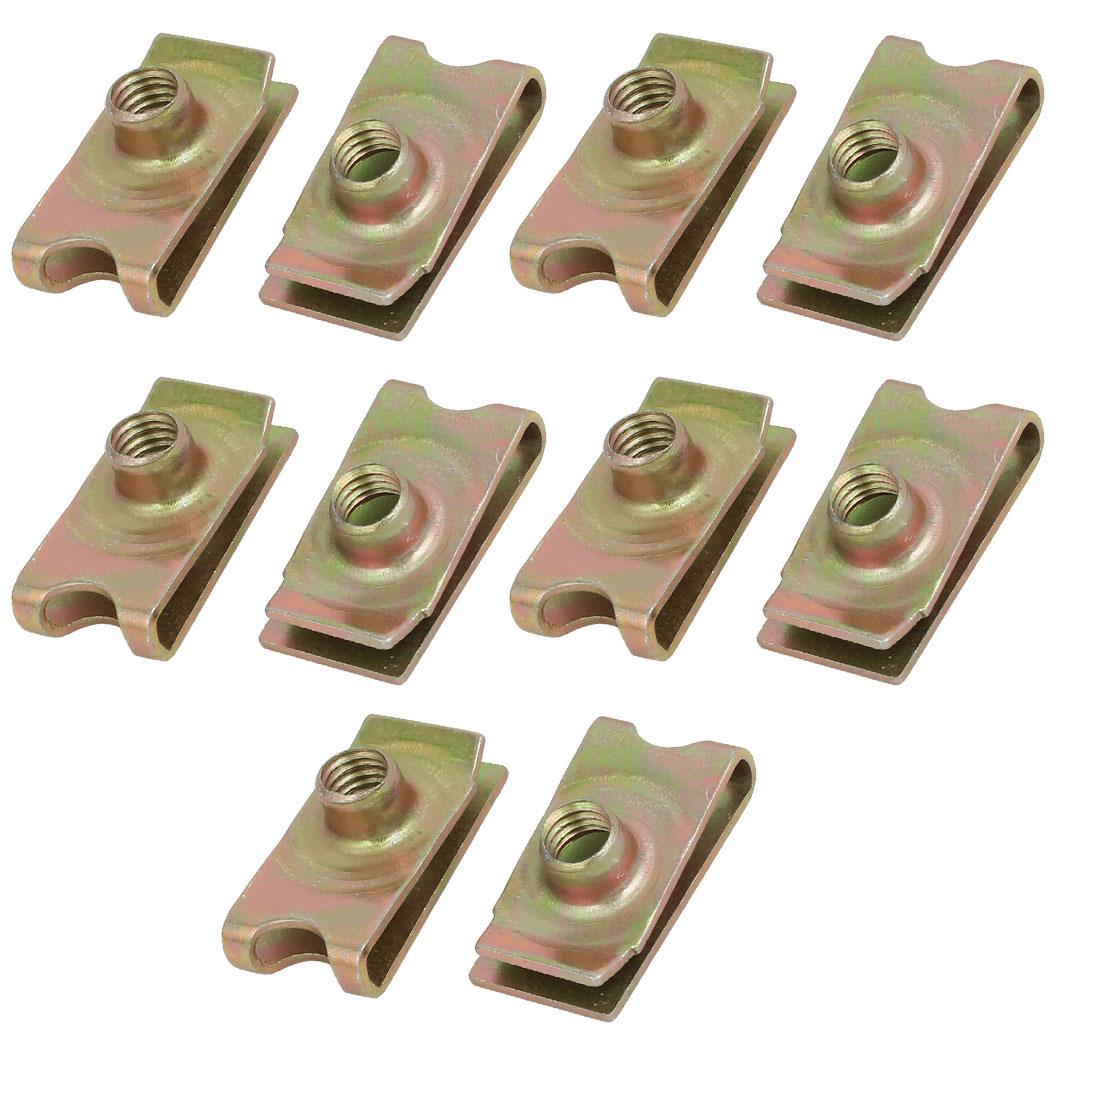 10pcs M6 Thread Size 65Mn Steel Zinc Plated Extruded U Nut Brass Tone 25mmx13mm